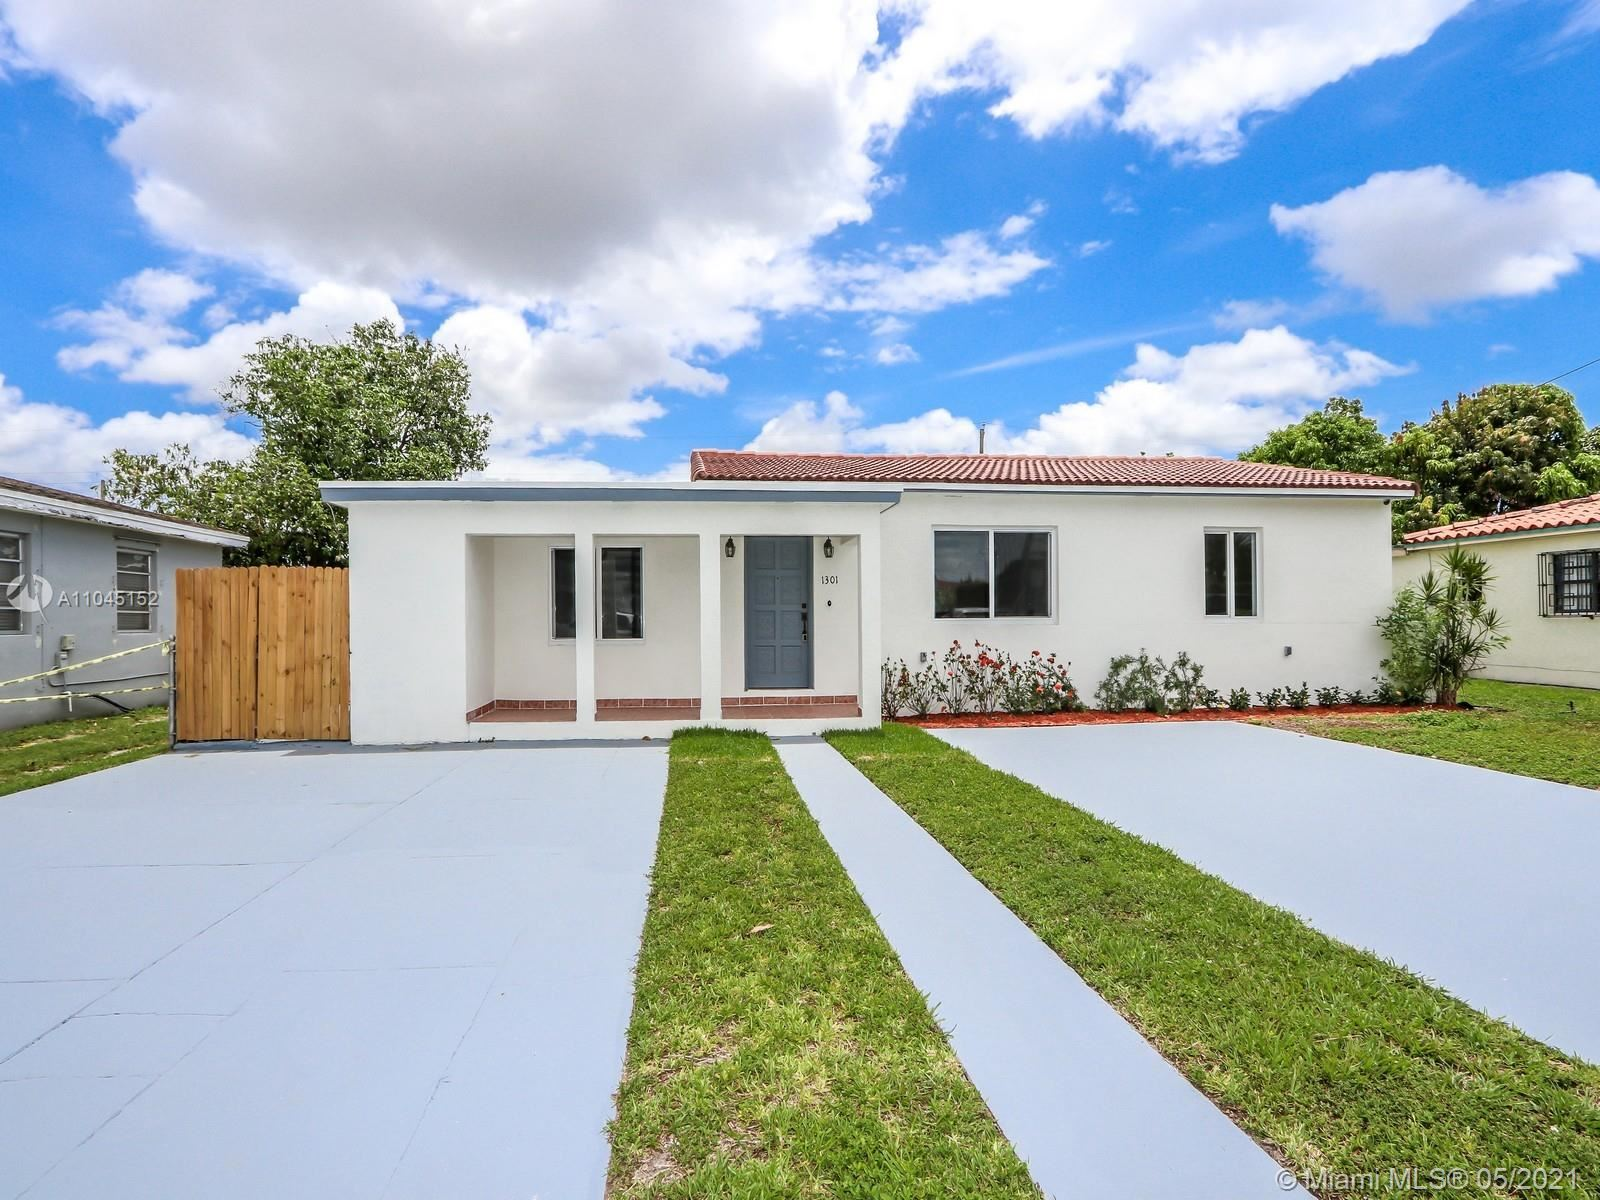 1301 SW 74th Ave, Miami, FL 33144 - #: A11045152